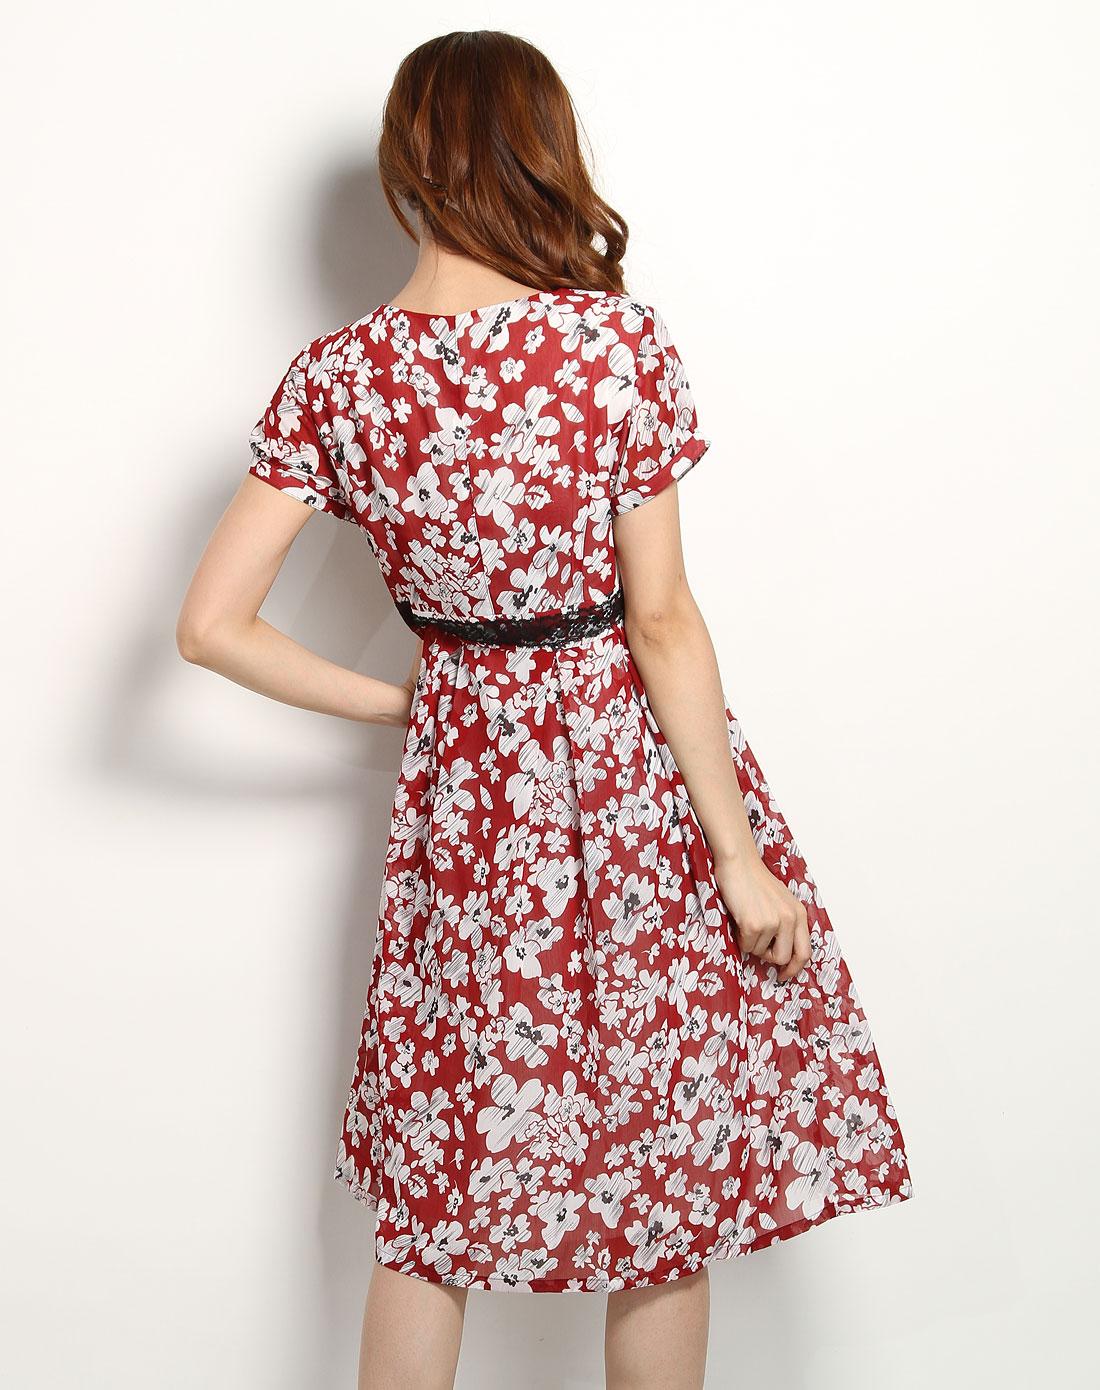 深红/白色时尚花纹短袖连衣裙